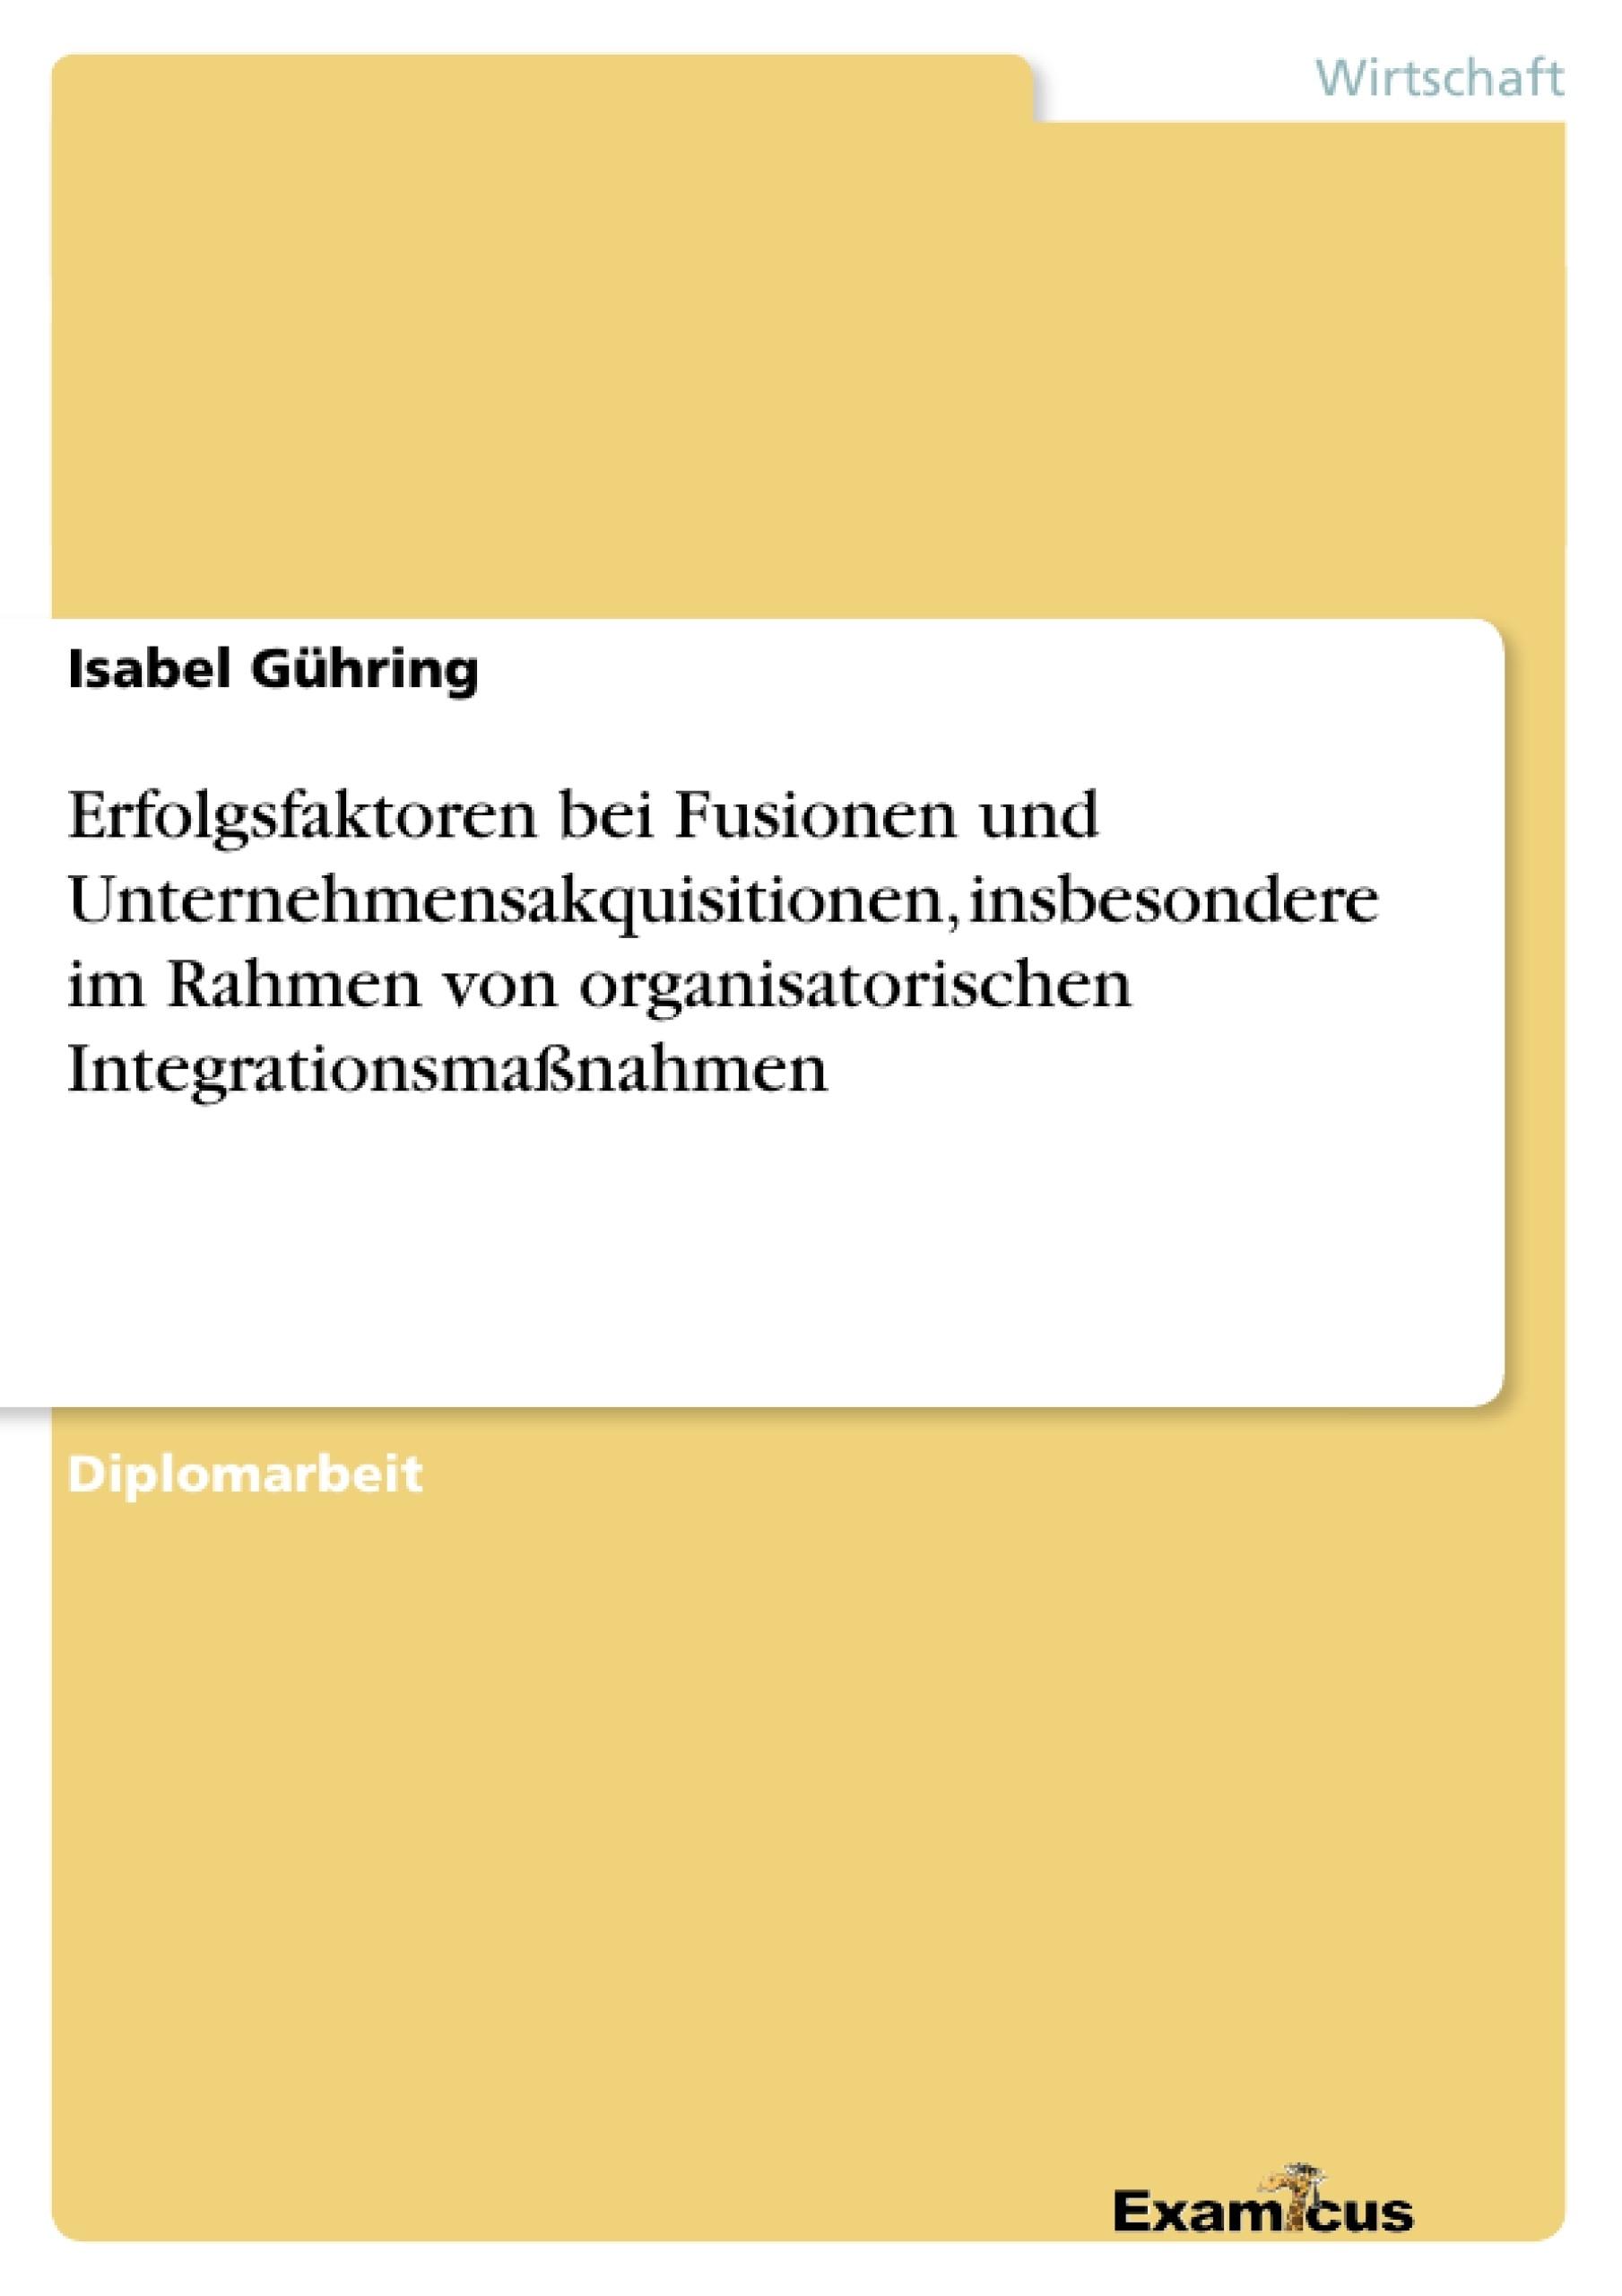 Titel: Erfolgsfaktoren bei Fusionen und Unternehmensakquisitionen, insbesondere im Rahmen von organisatorischen Integrationsmaßnahmen